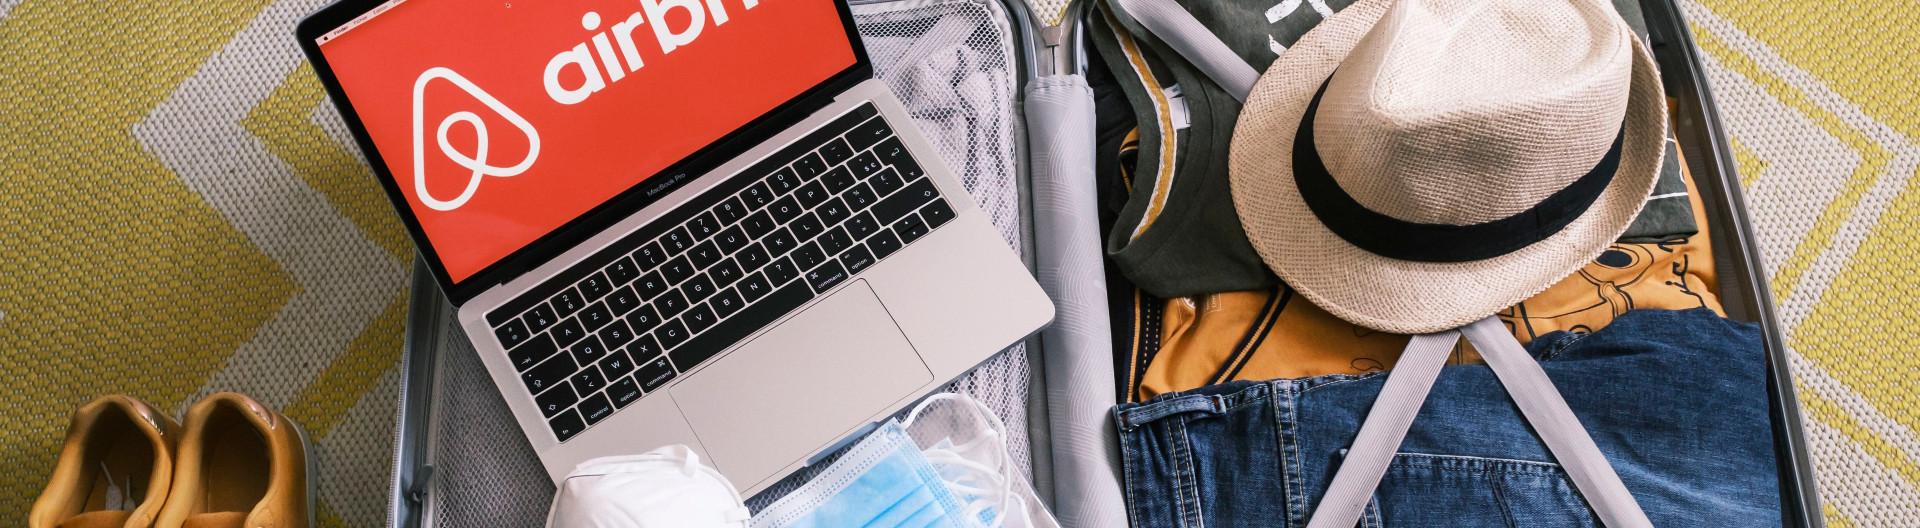 Gepackter Koffer mit Mundschutz und Laptop mit Airbnb-Logo